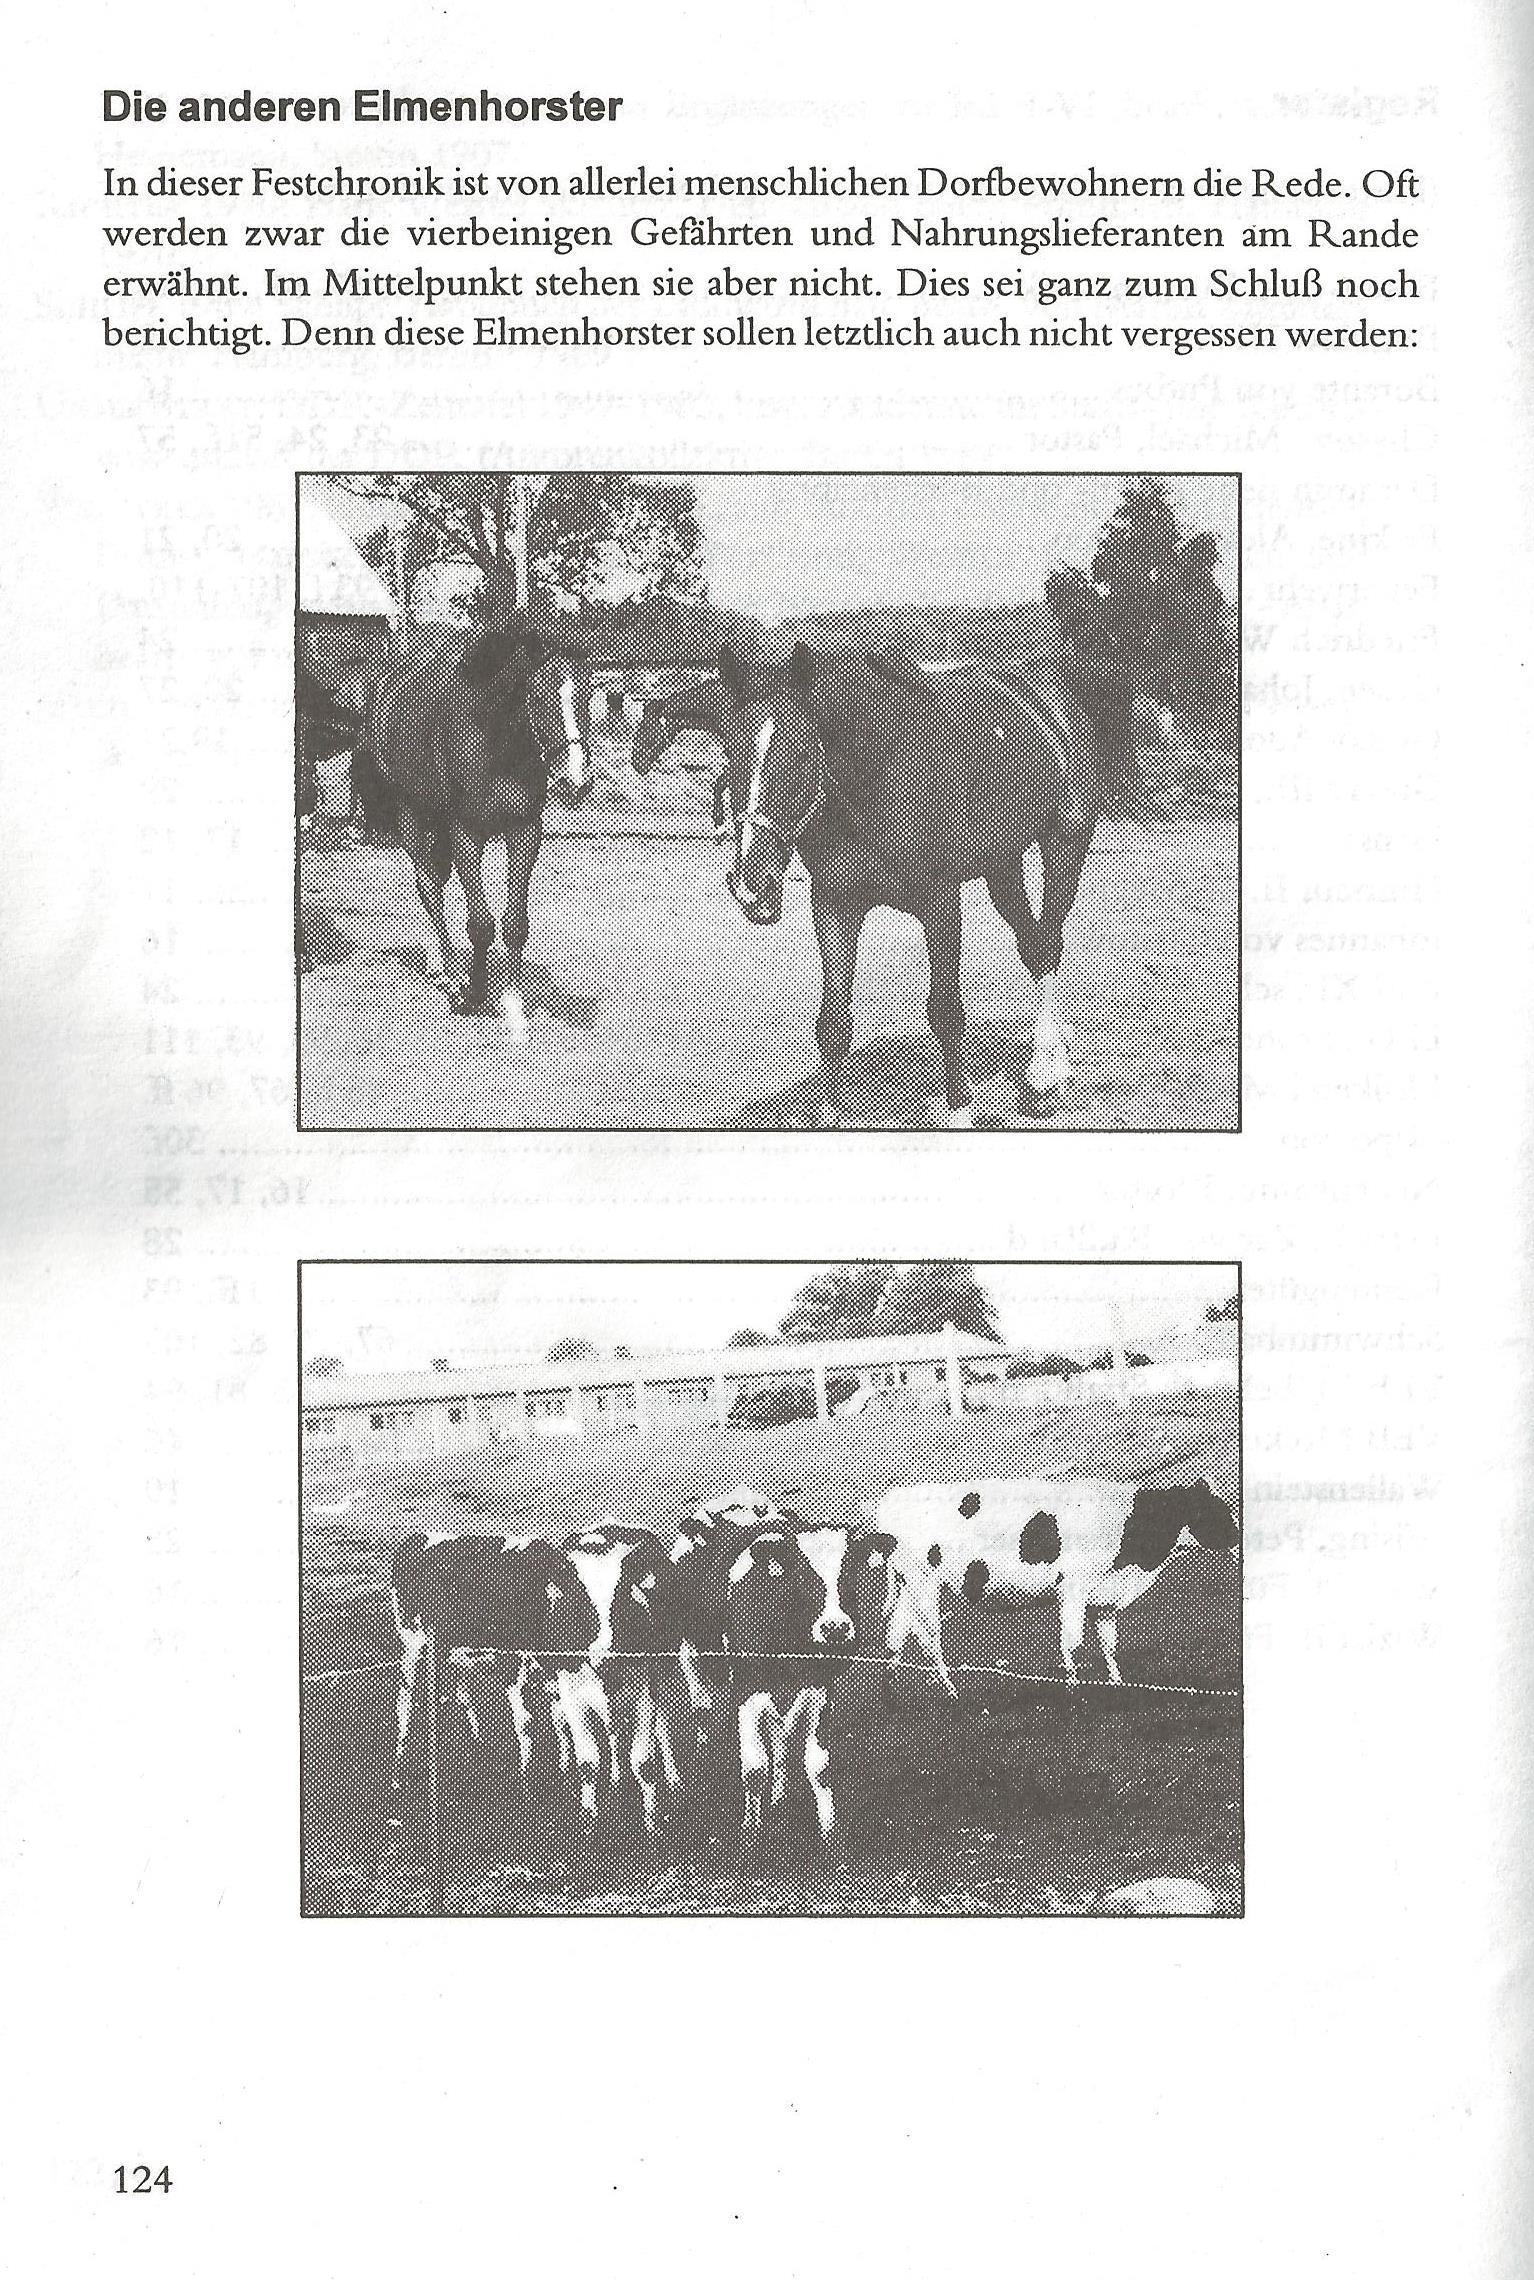 Die anderen Elmenhorster (Seite 124)